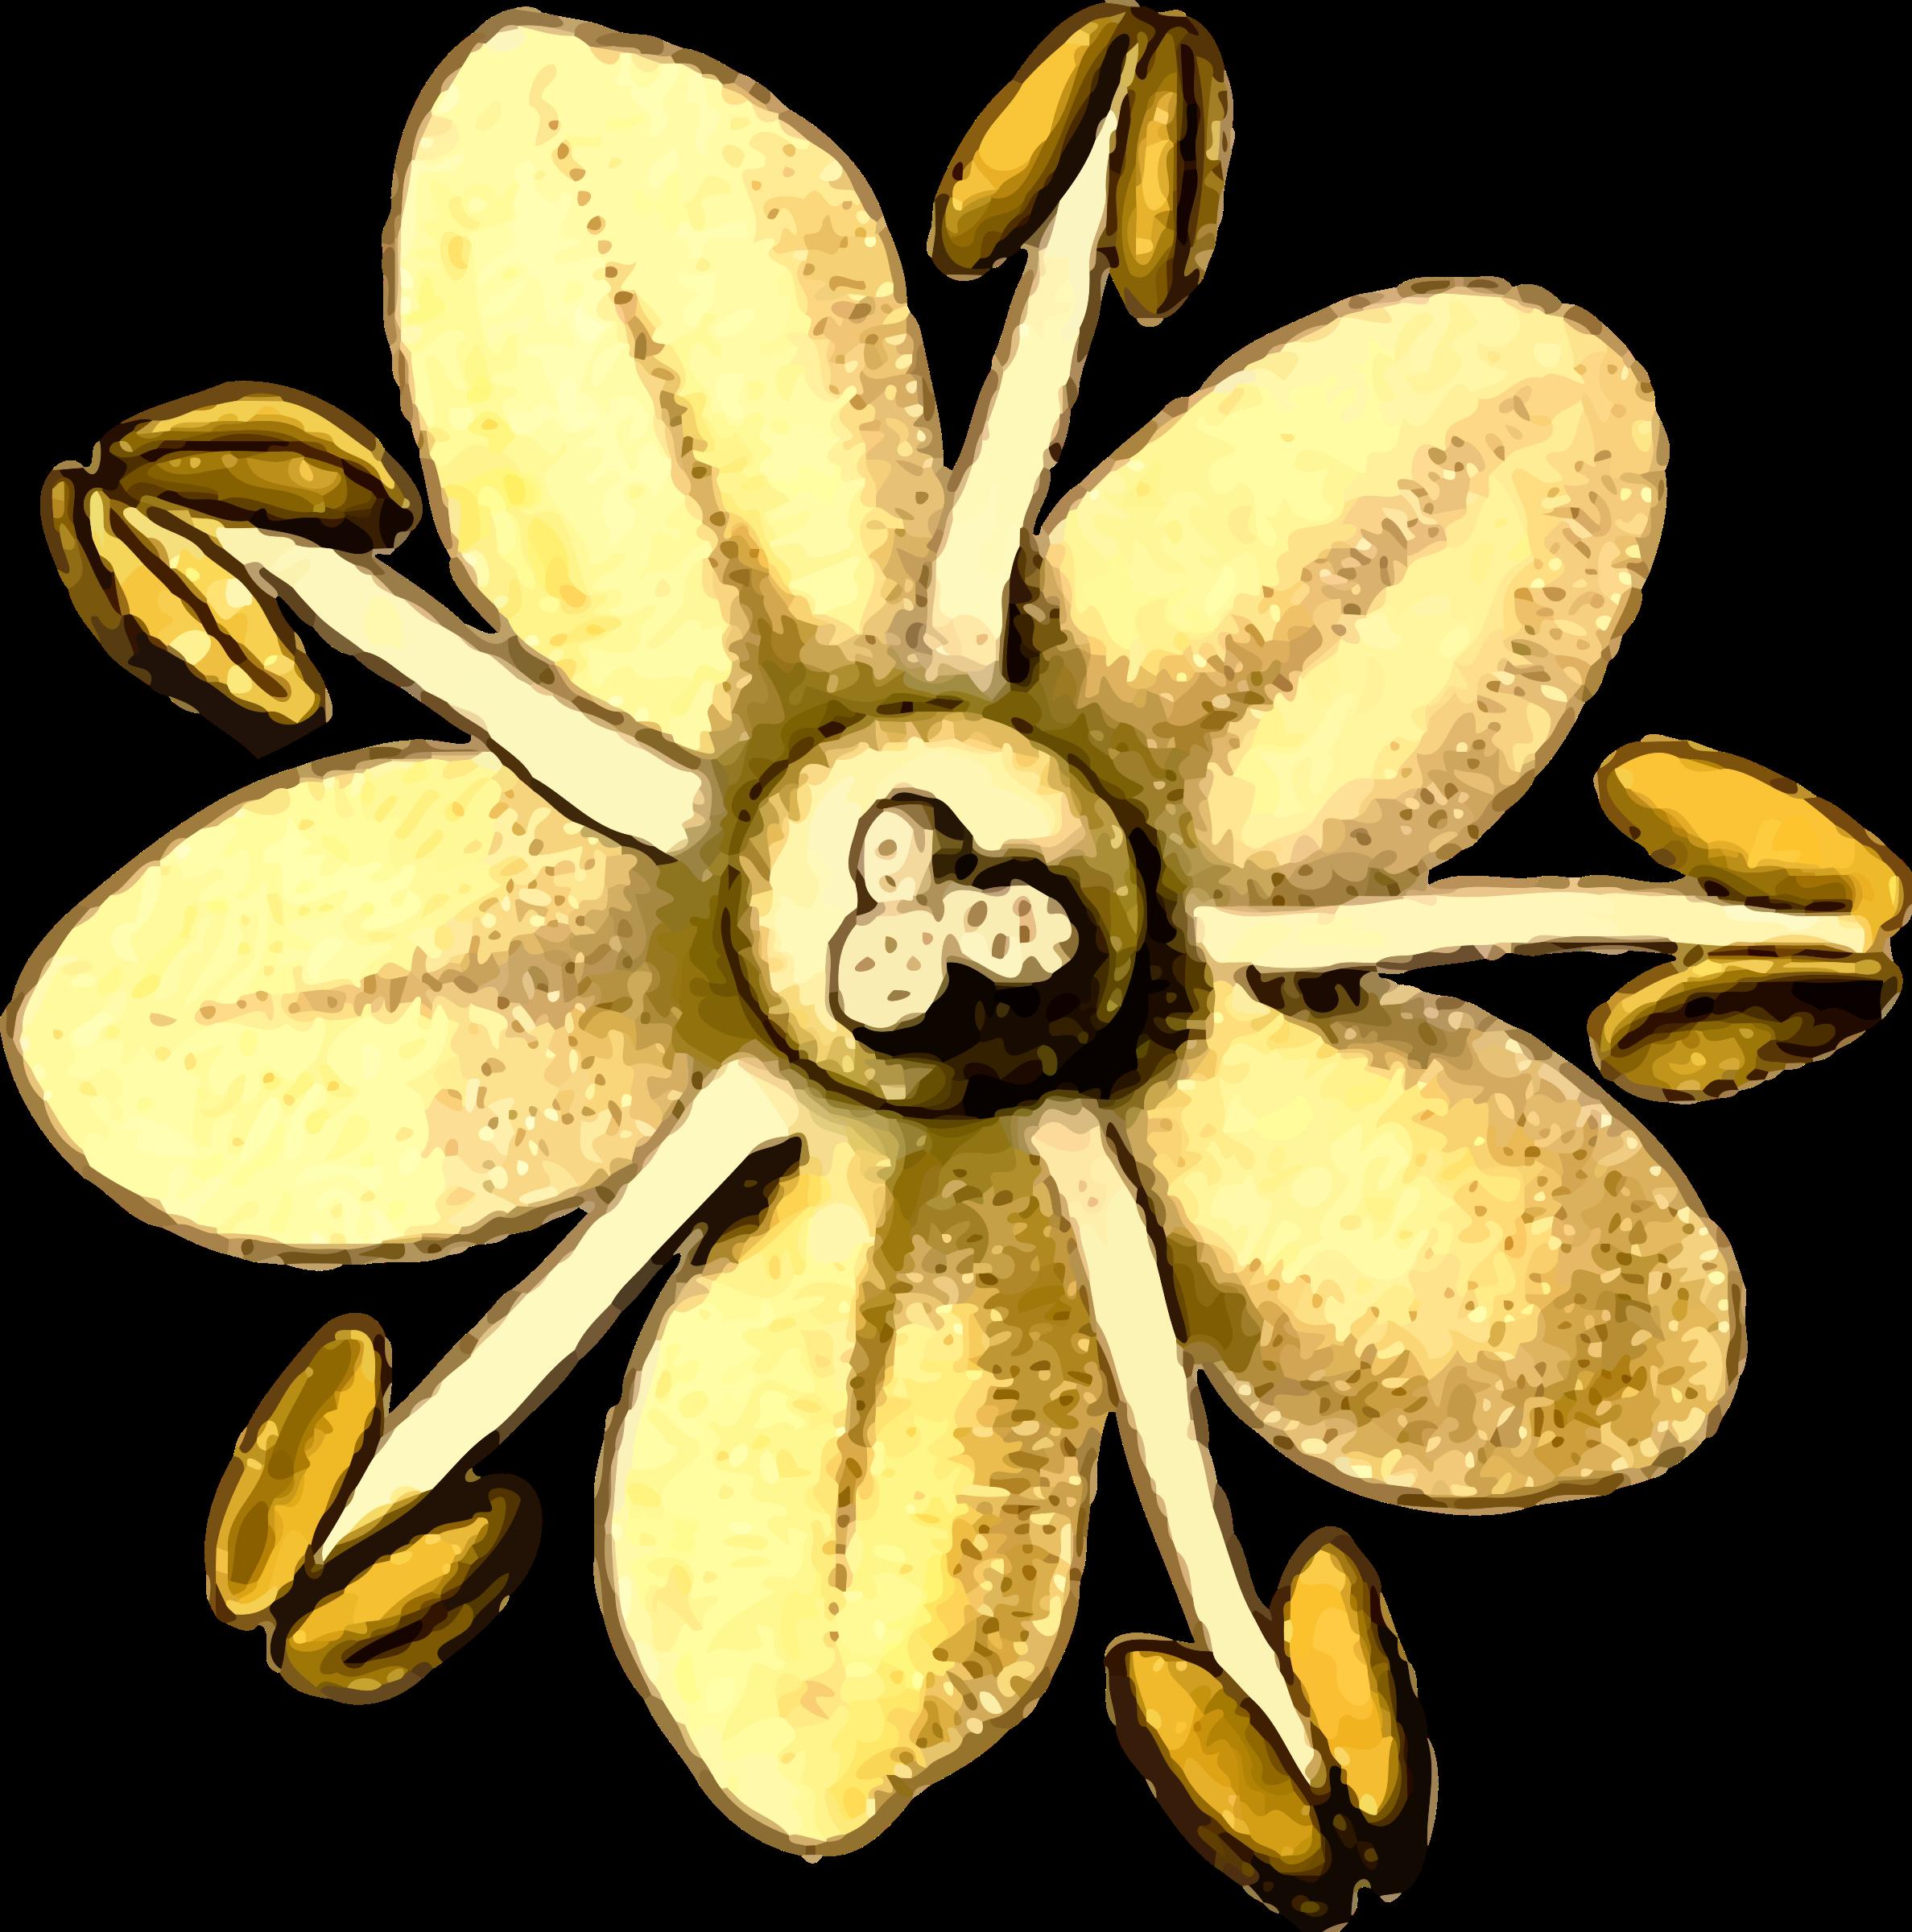 Elderflower by @Firkin, From a drawing in \'Medizinal.